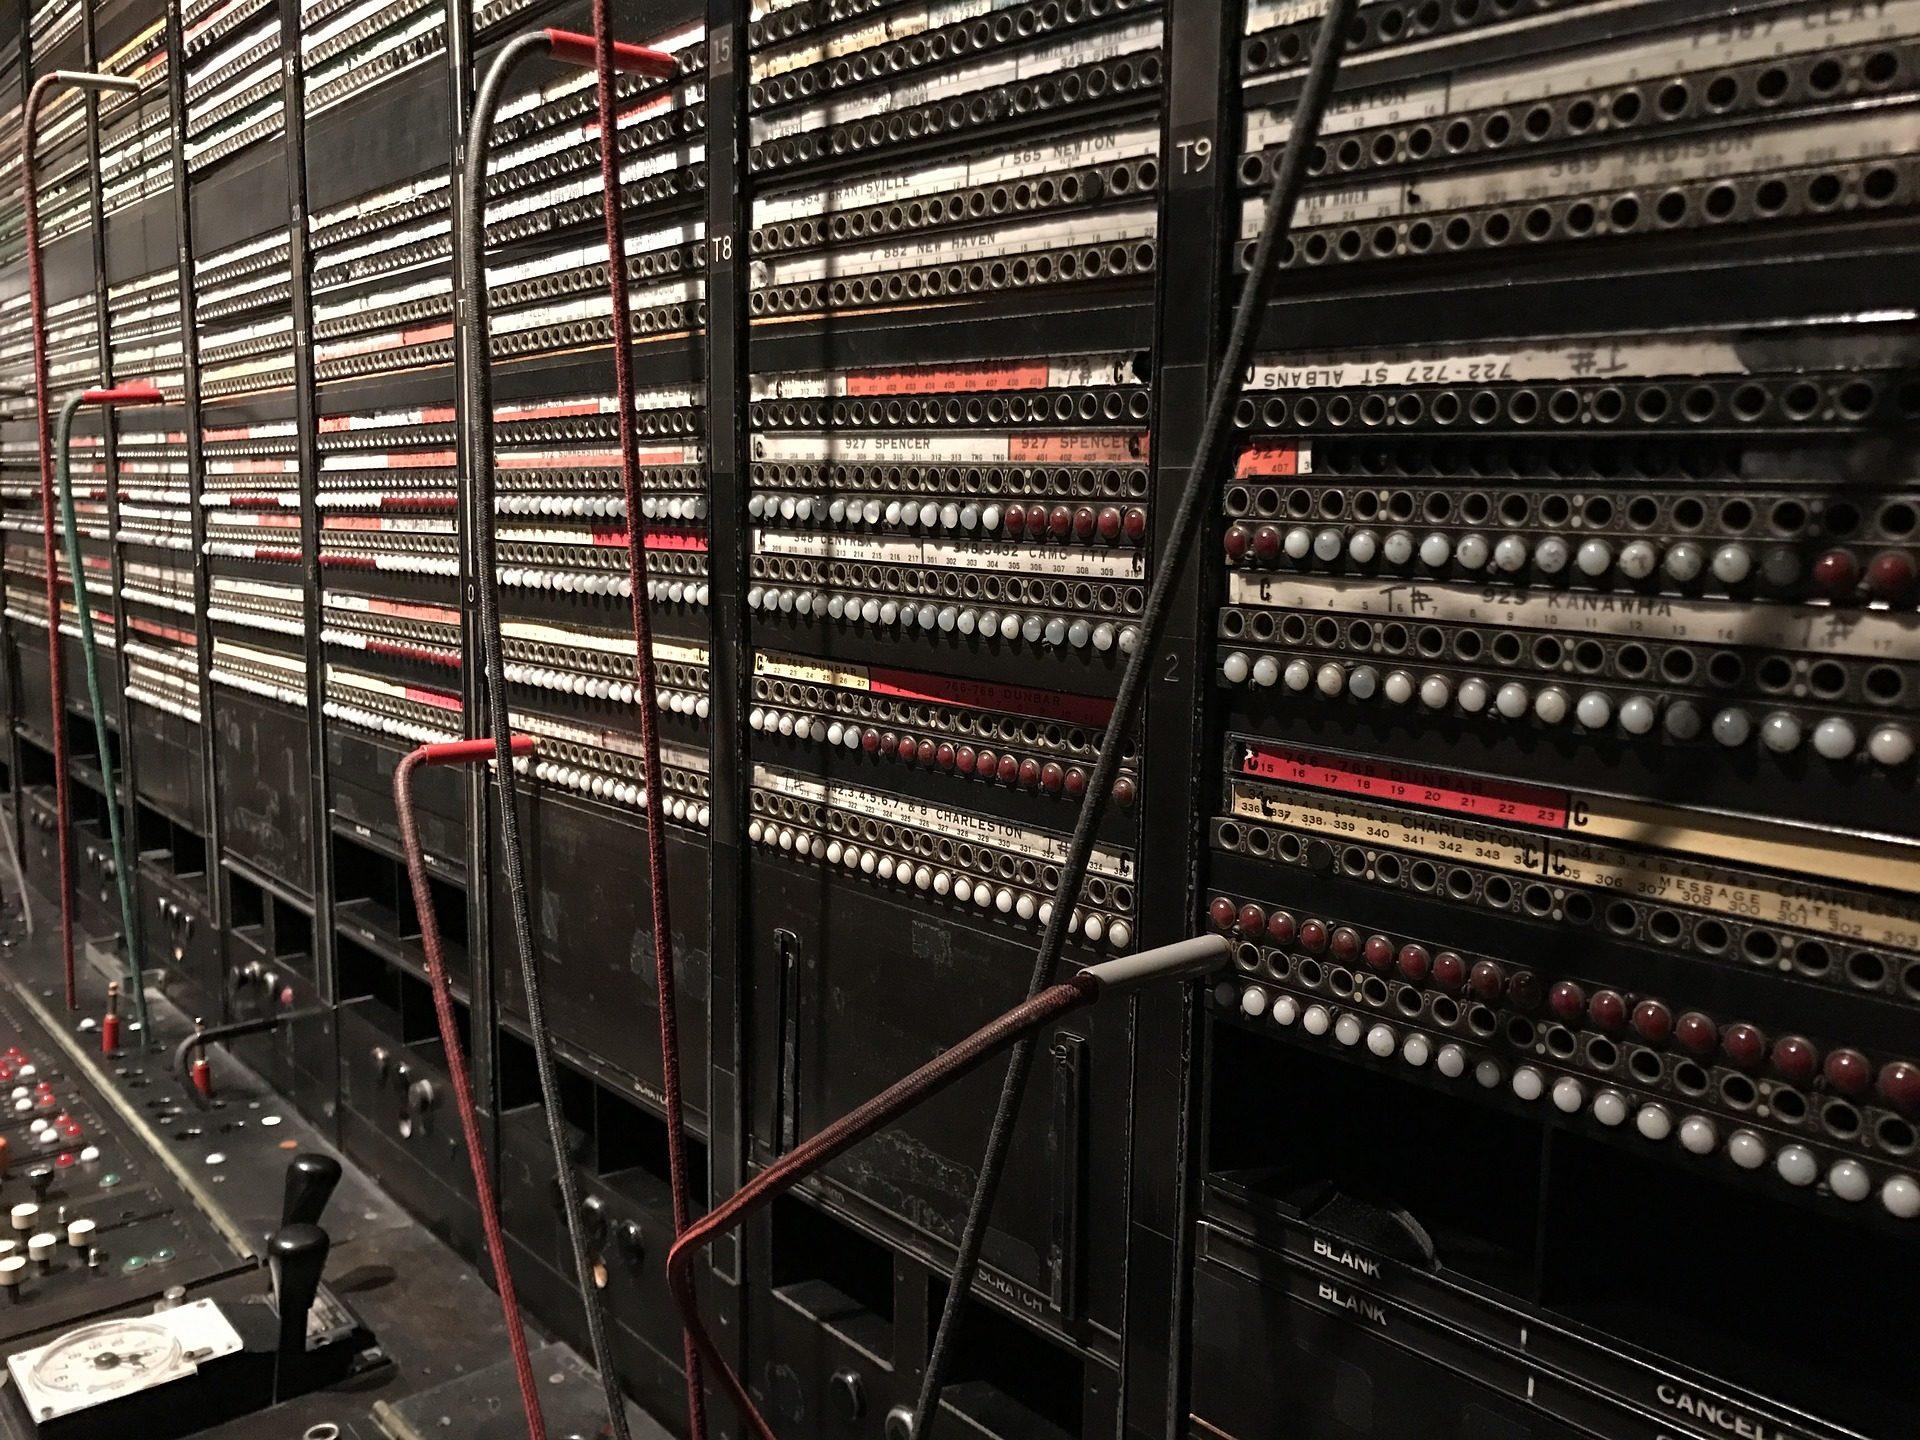 standard téléphonique, téléphonie, vieux, câbles, connexions - Fonds d'écran HD - Professor-falken.com